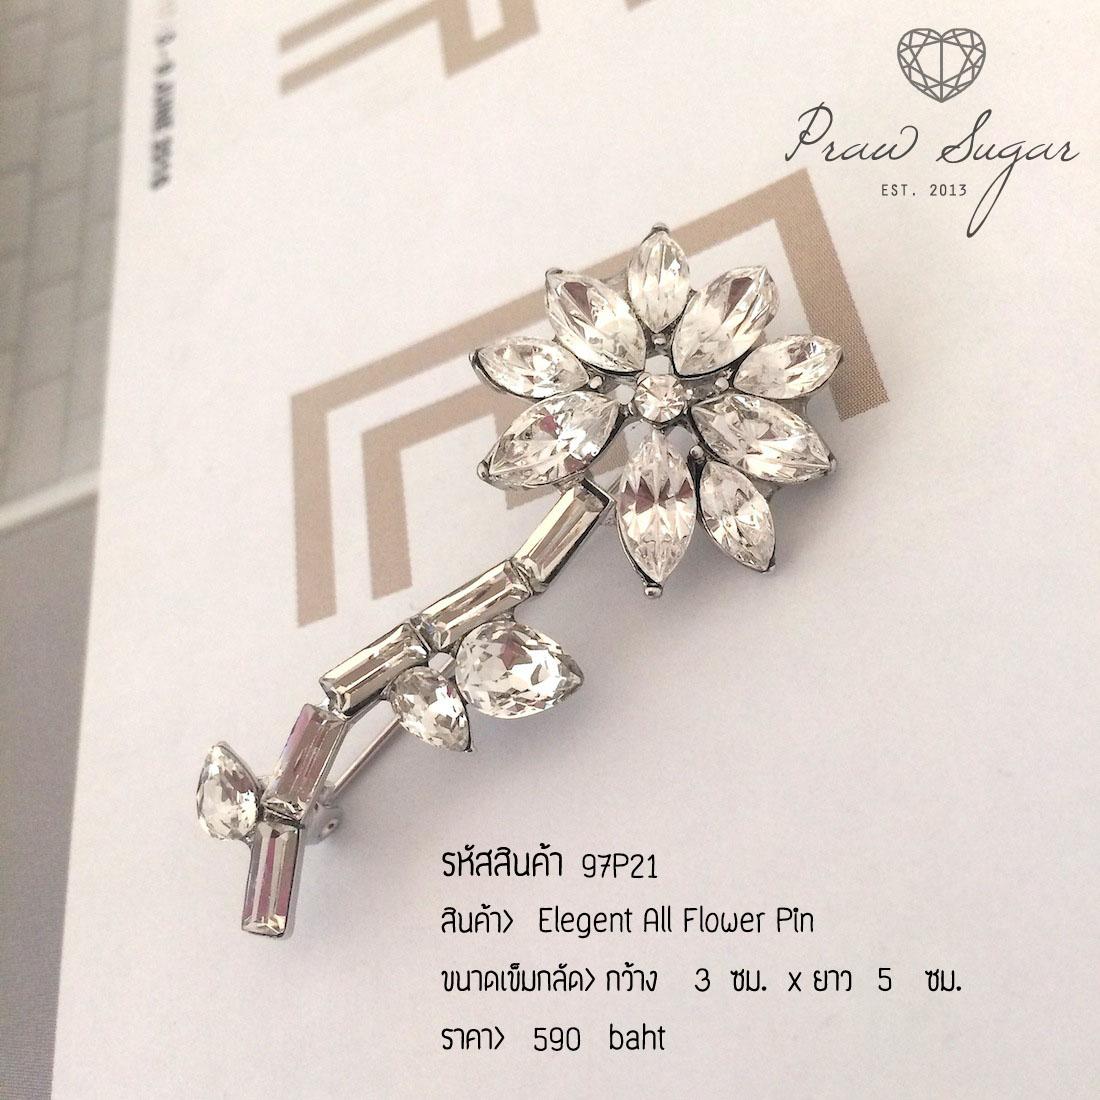 Elegant All Flower Pin